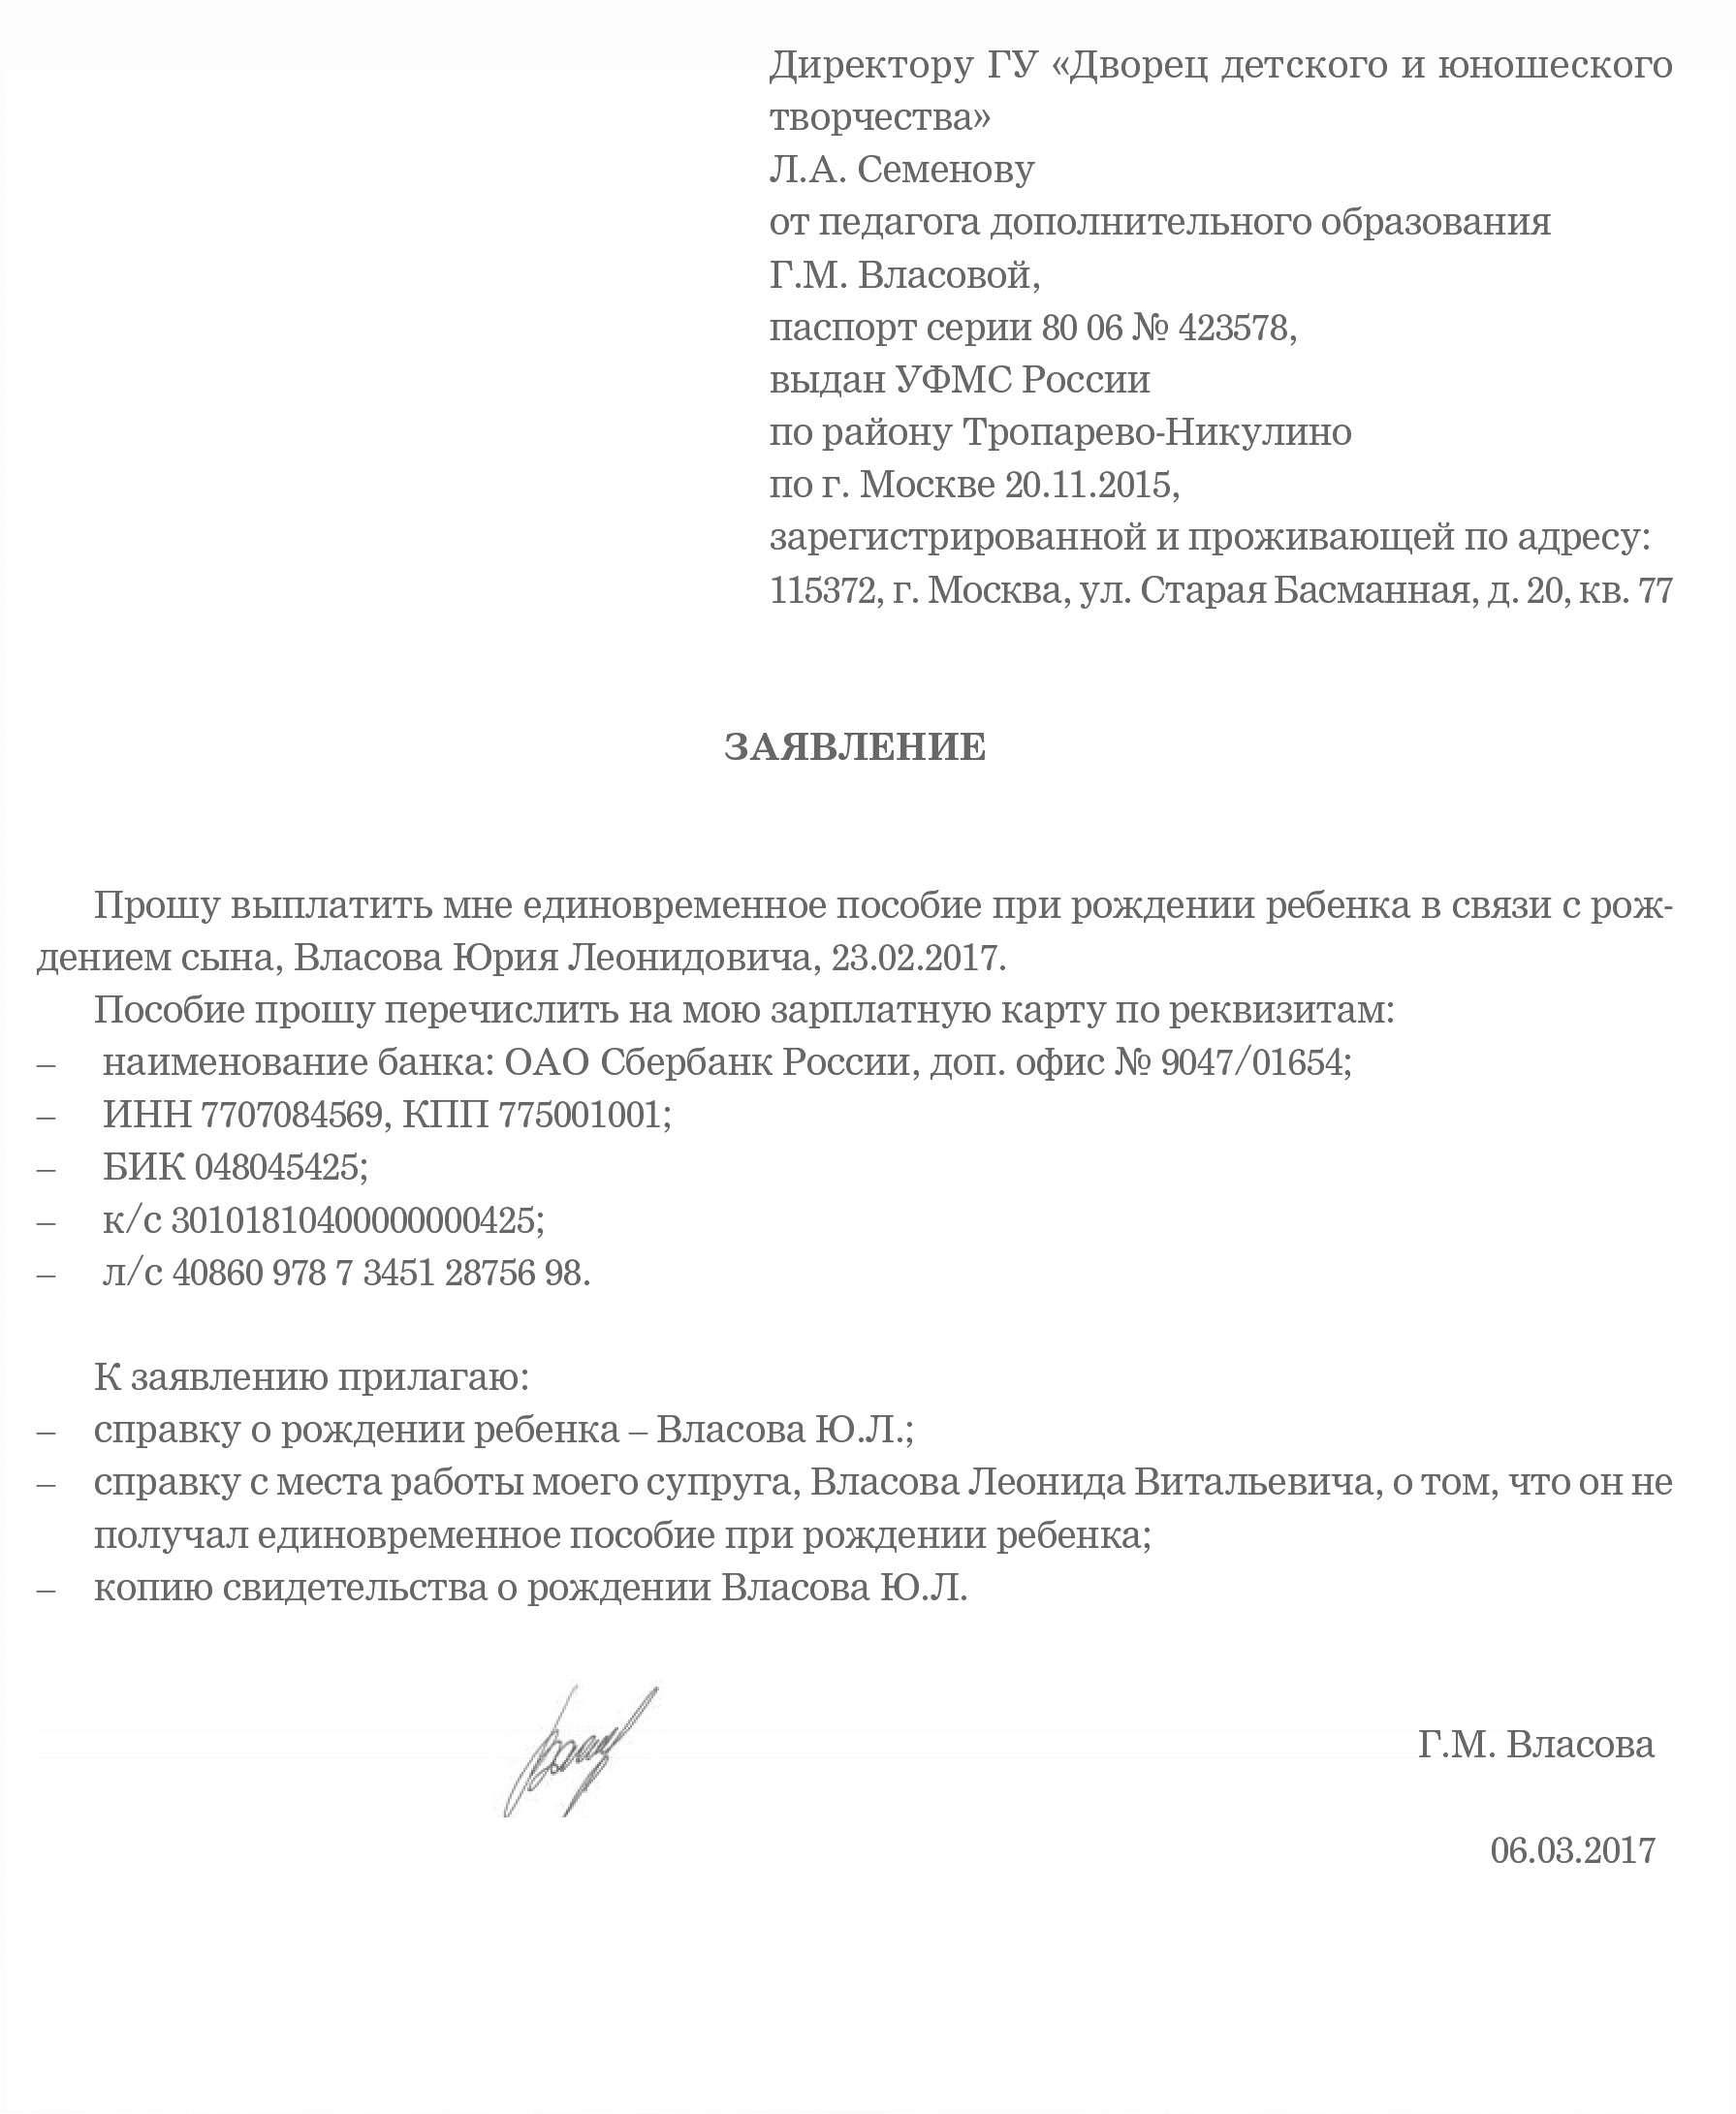 Детские пособия в Московской области в 2017-2018 году